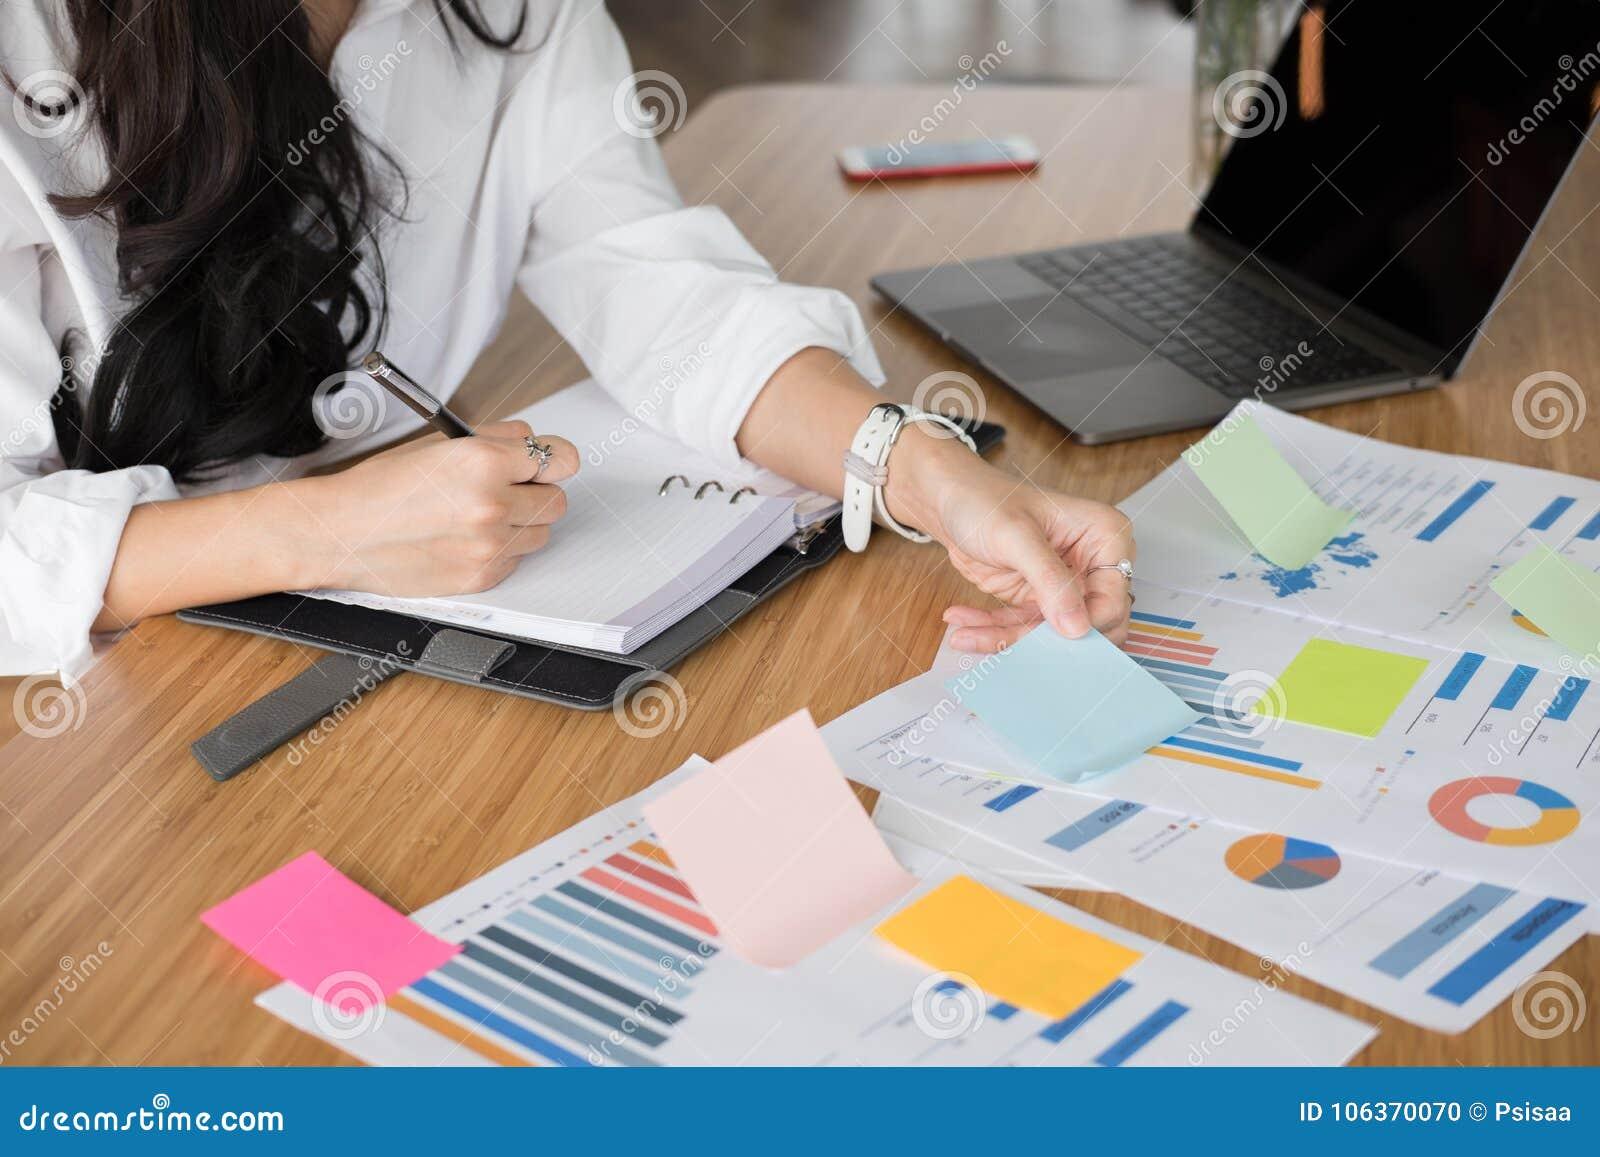 La donna di affari scrive la nota sul taccuino nel luogo di lavoro donna startup